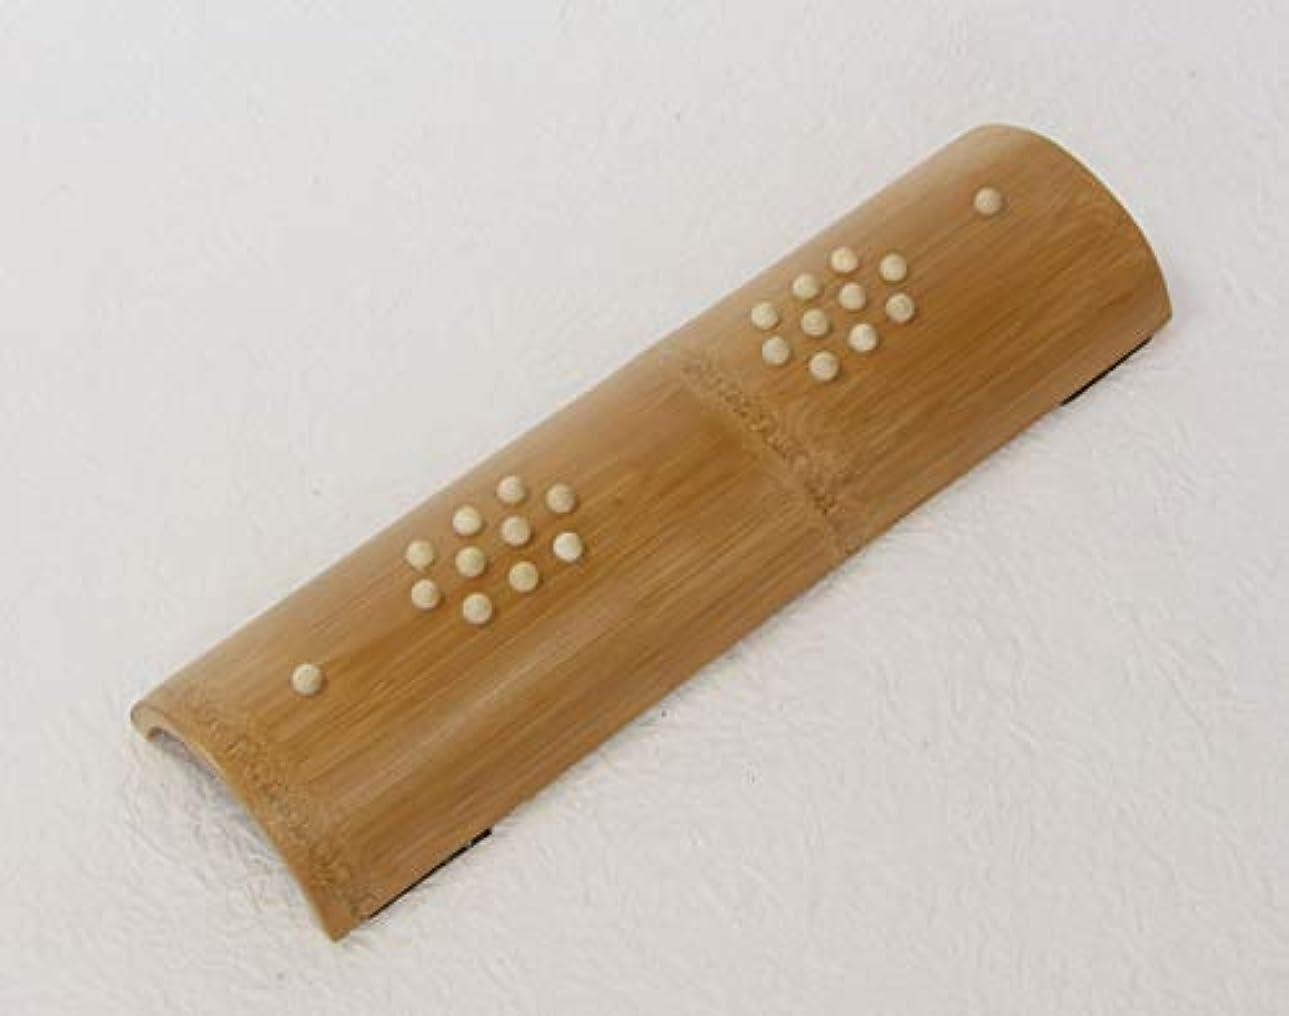 遠洋の家自動的に竹細工「イボ付き踏み竹?ピンポイントいぼ付き」国産